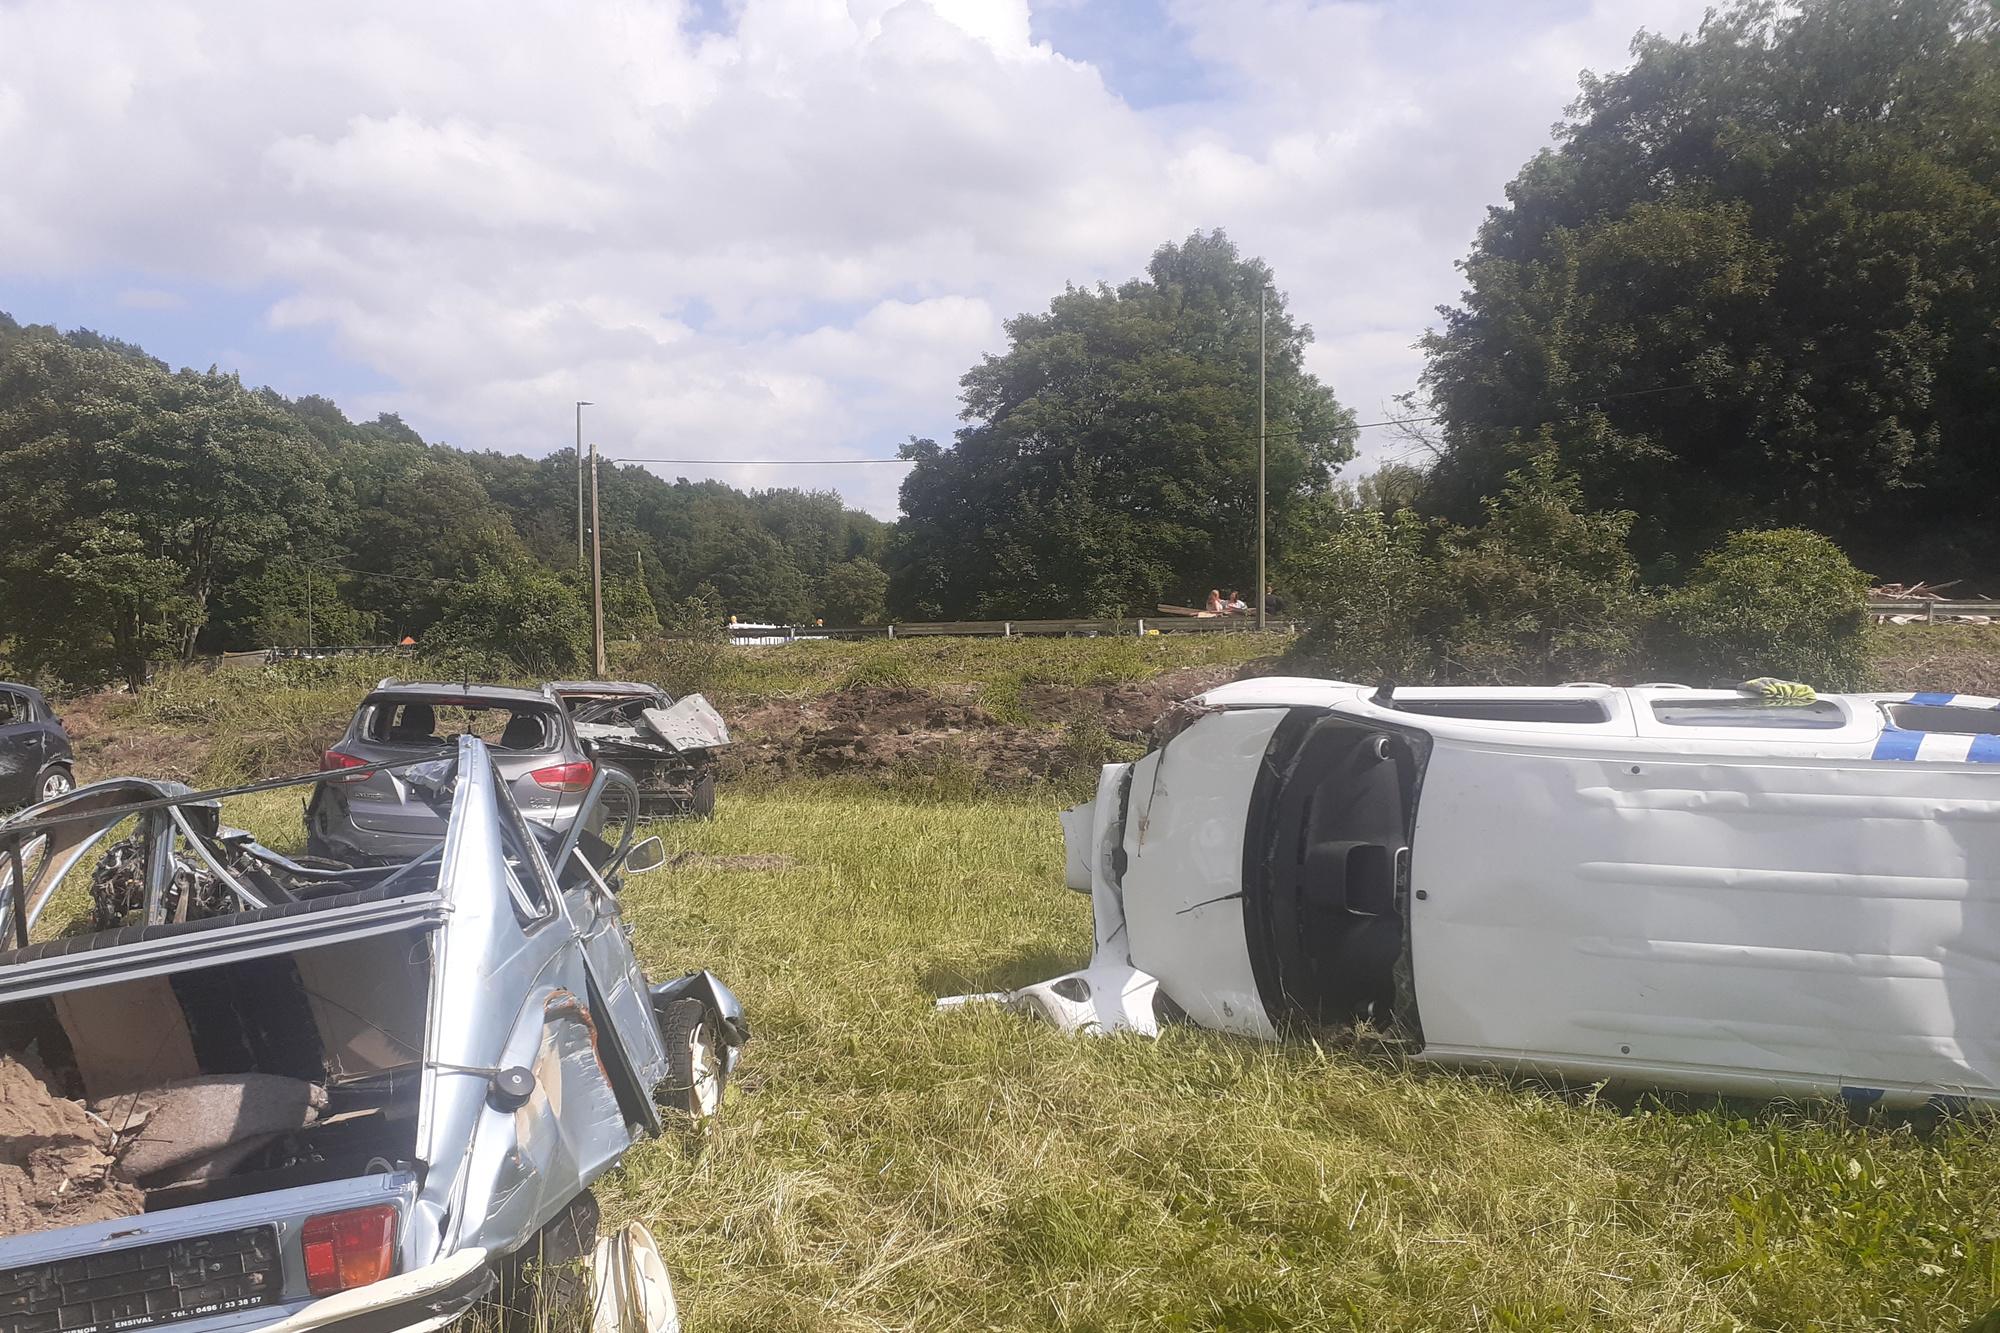 Goffotaine, un champ le long de la route et à proximité du pont affaissé, enjambant la Vesdre: une dizaine de carcasses de voitures détruites par la furie des eaux !, DSS